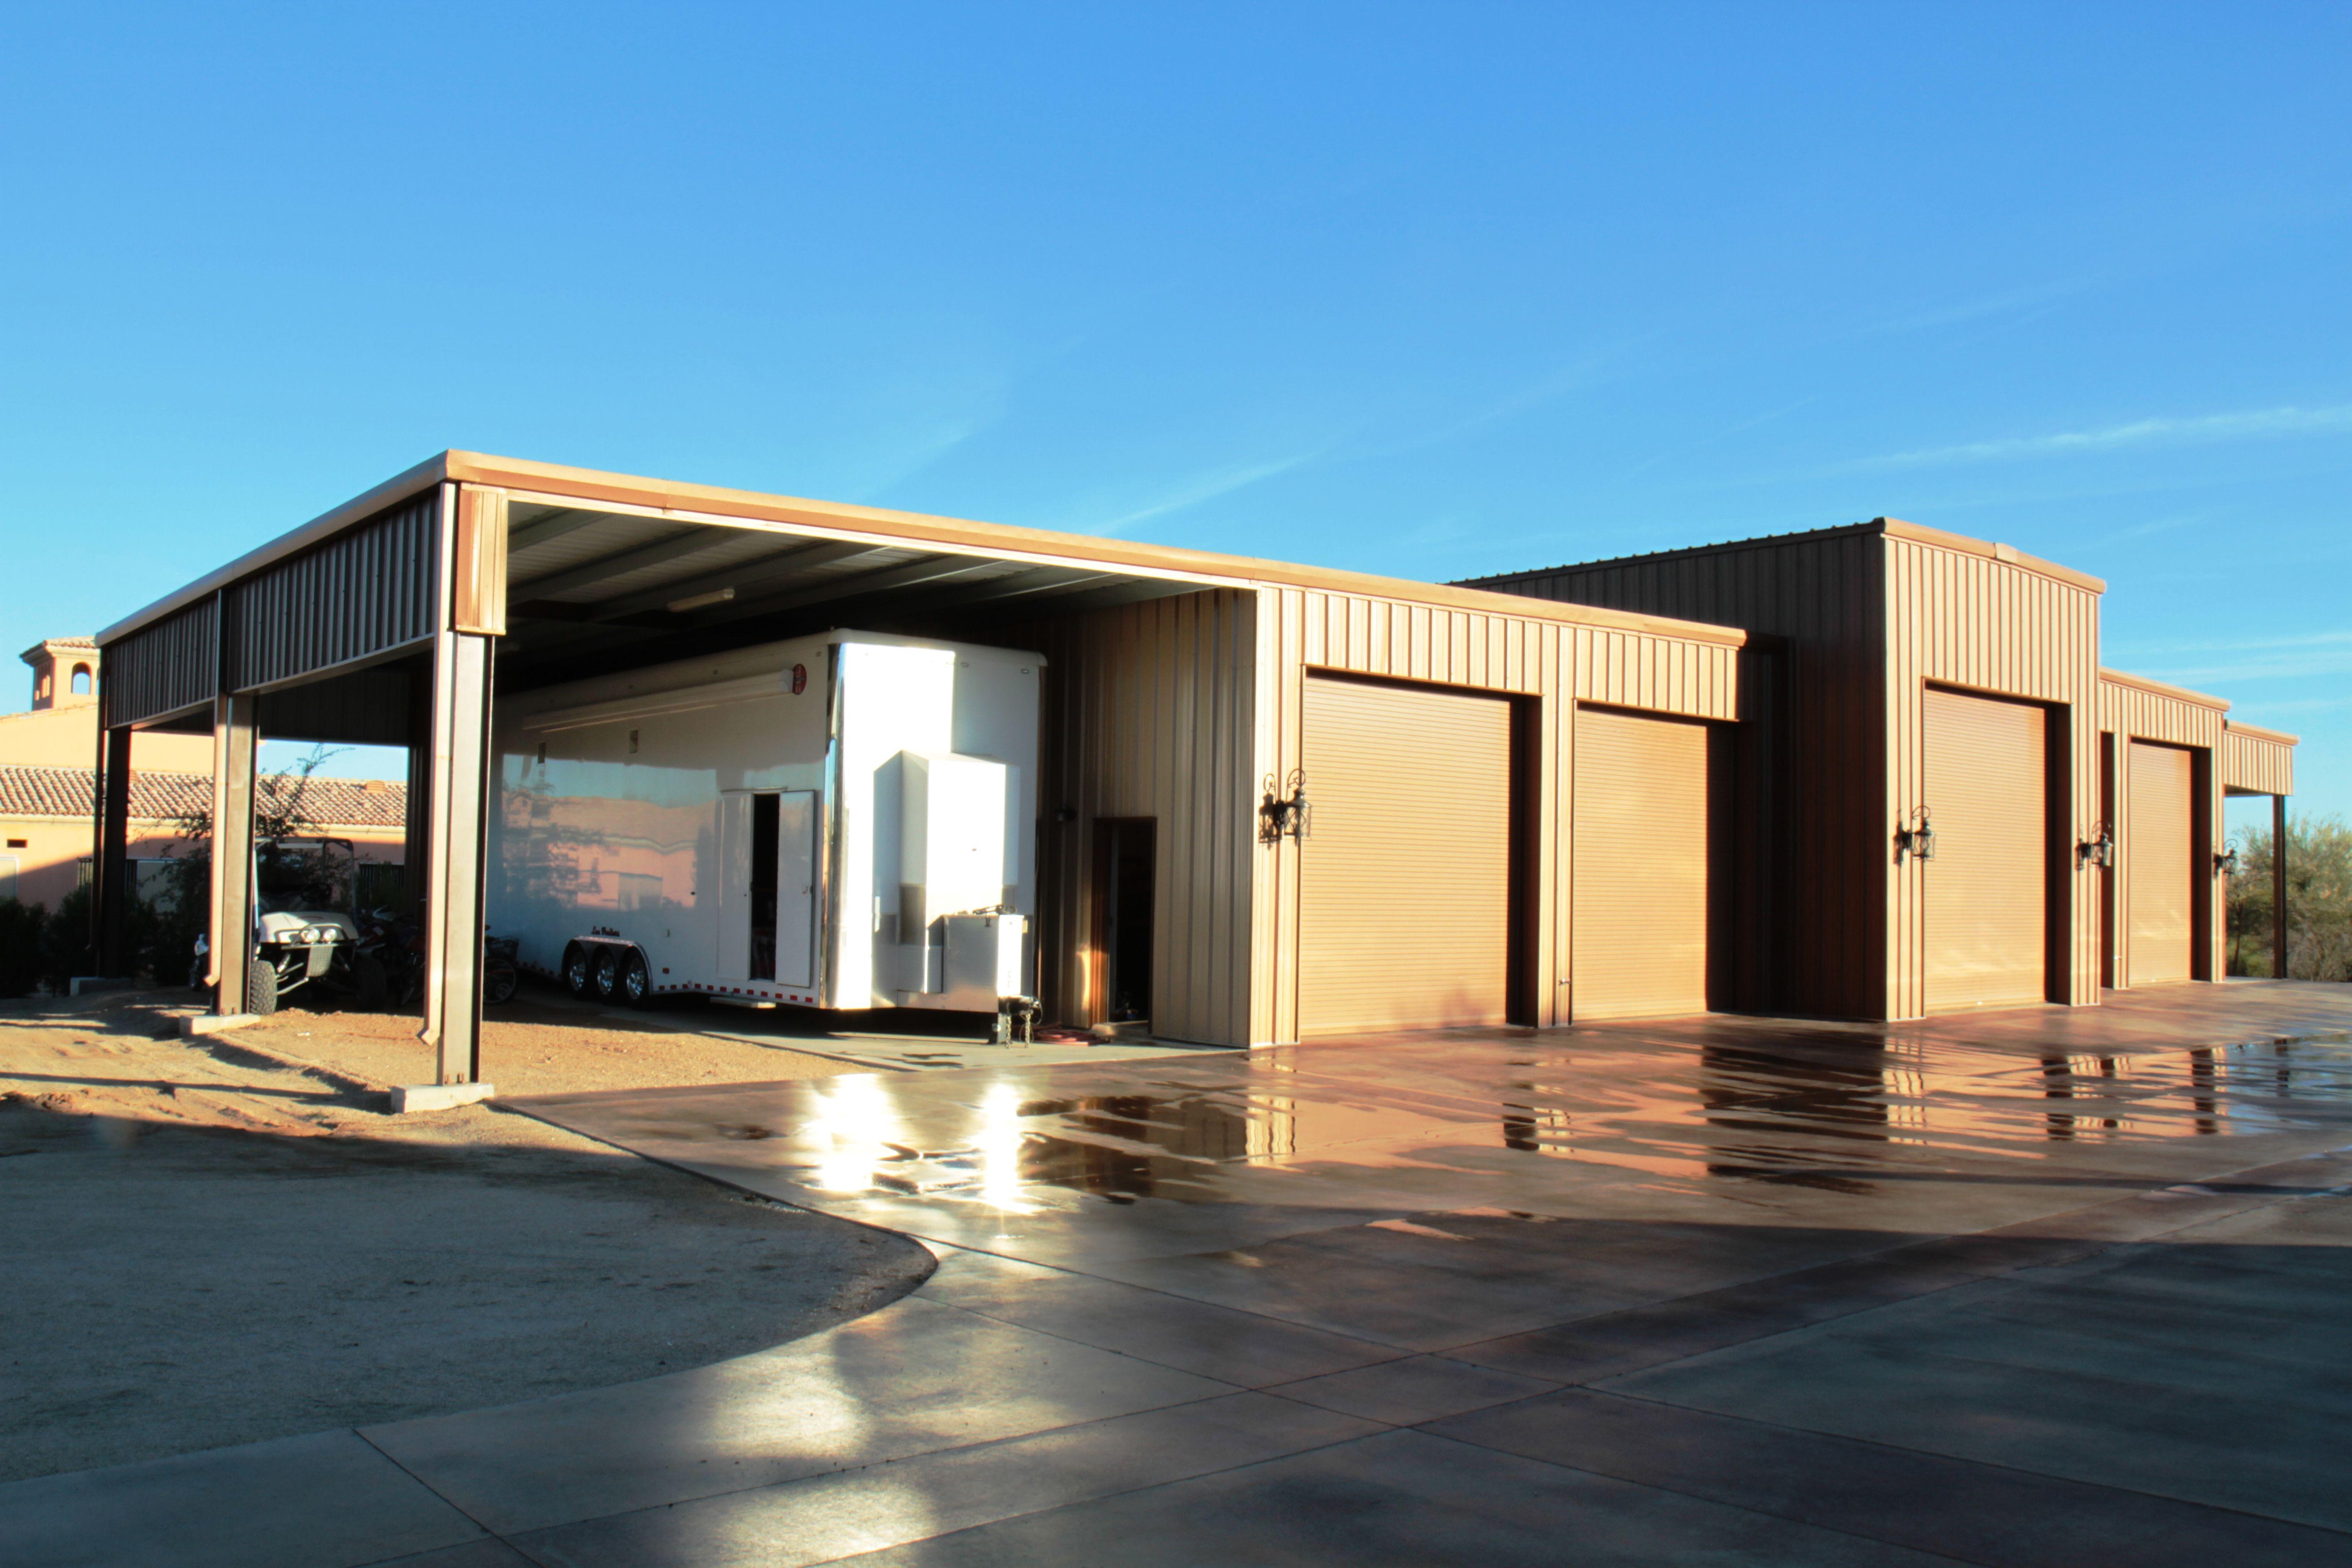 RVGarage Custom Metal buildings, Steel buildings, Building